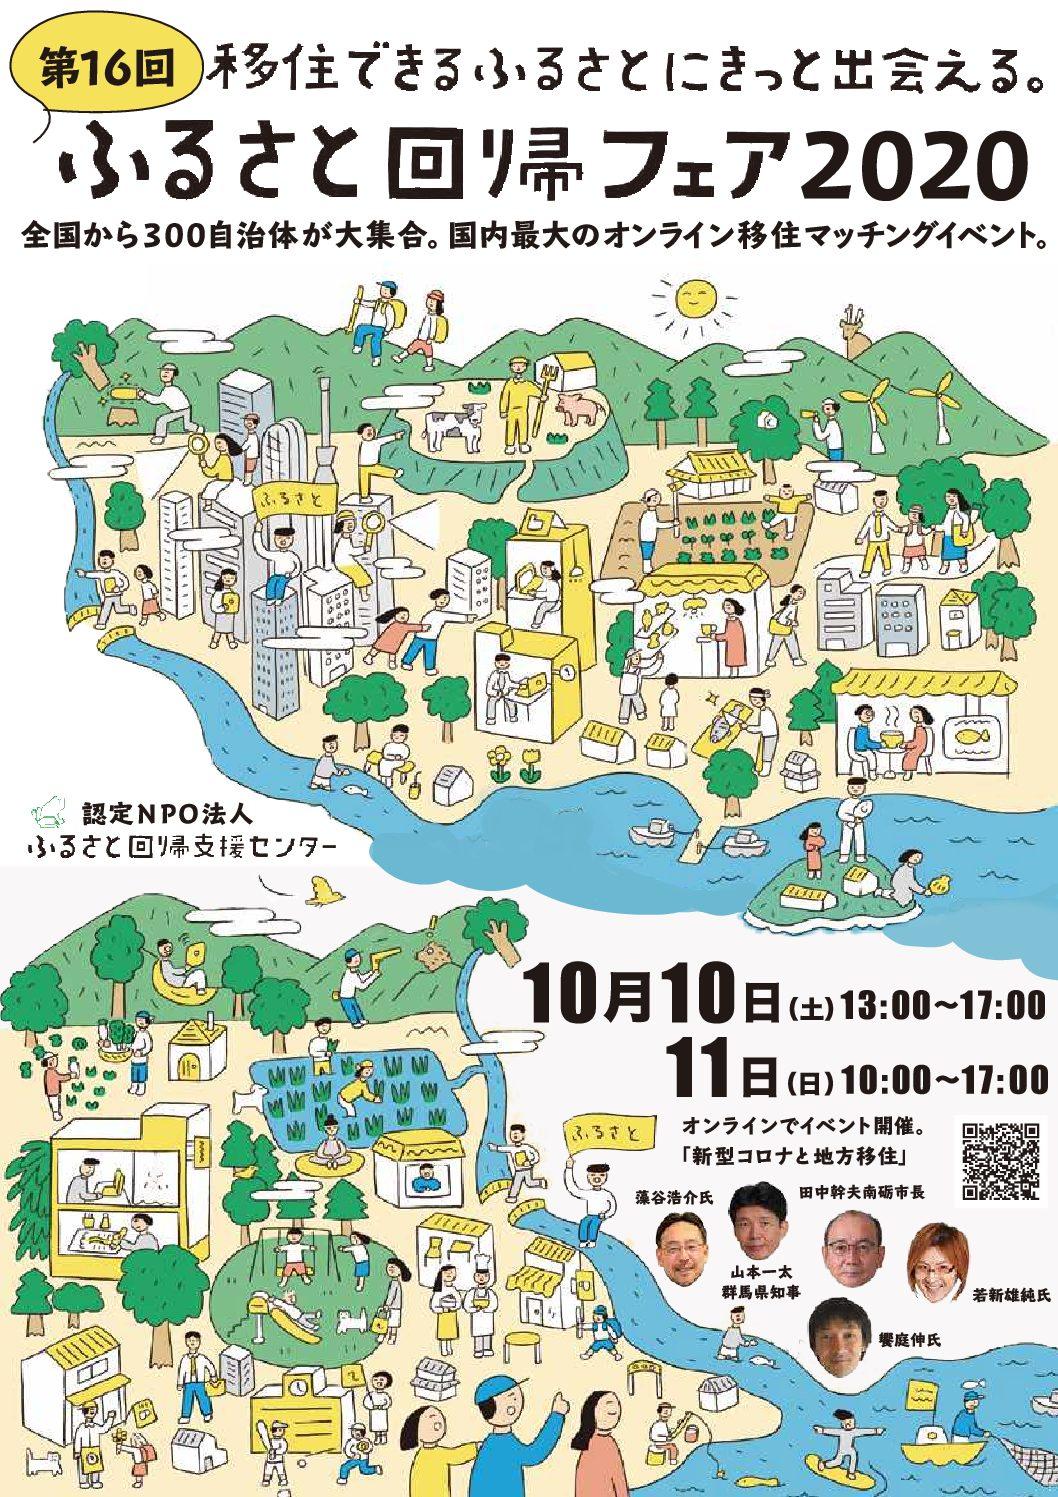 ふるさと回帰フェア2020オンライン【移住イベント】のアイキャッチ画像